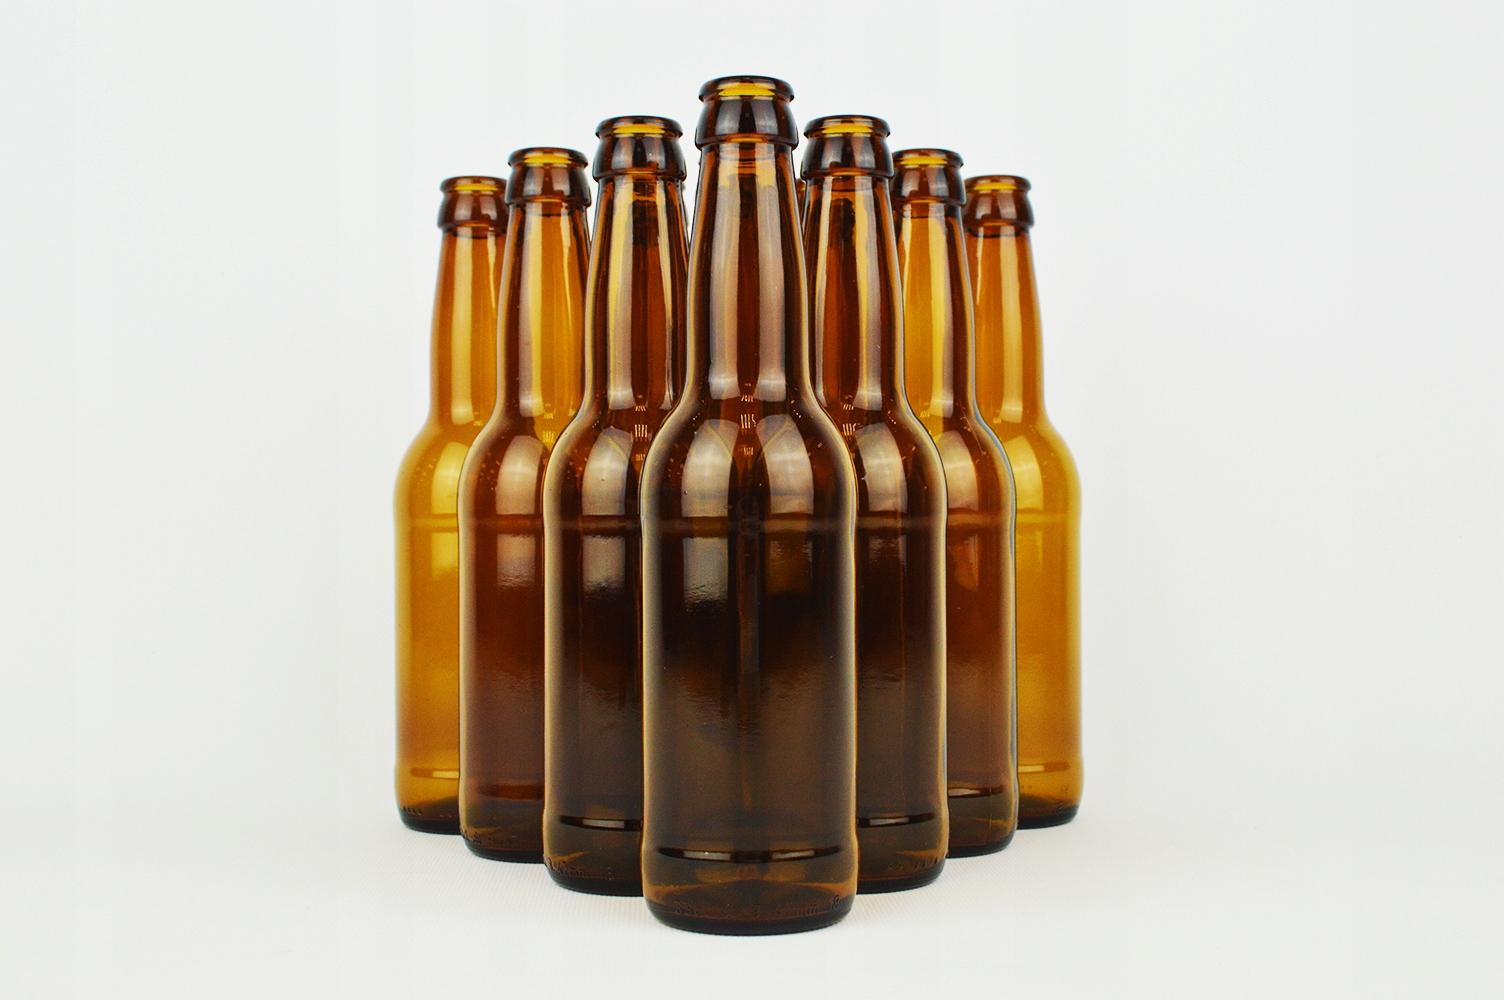 как добавить в фотографию бутылку пива думаю, что